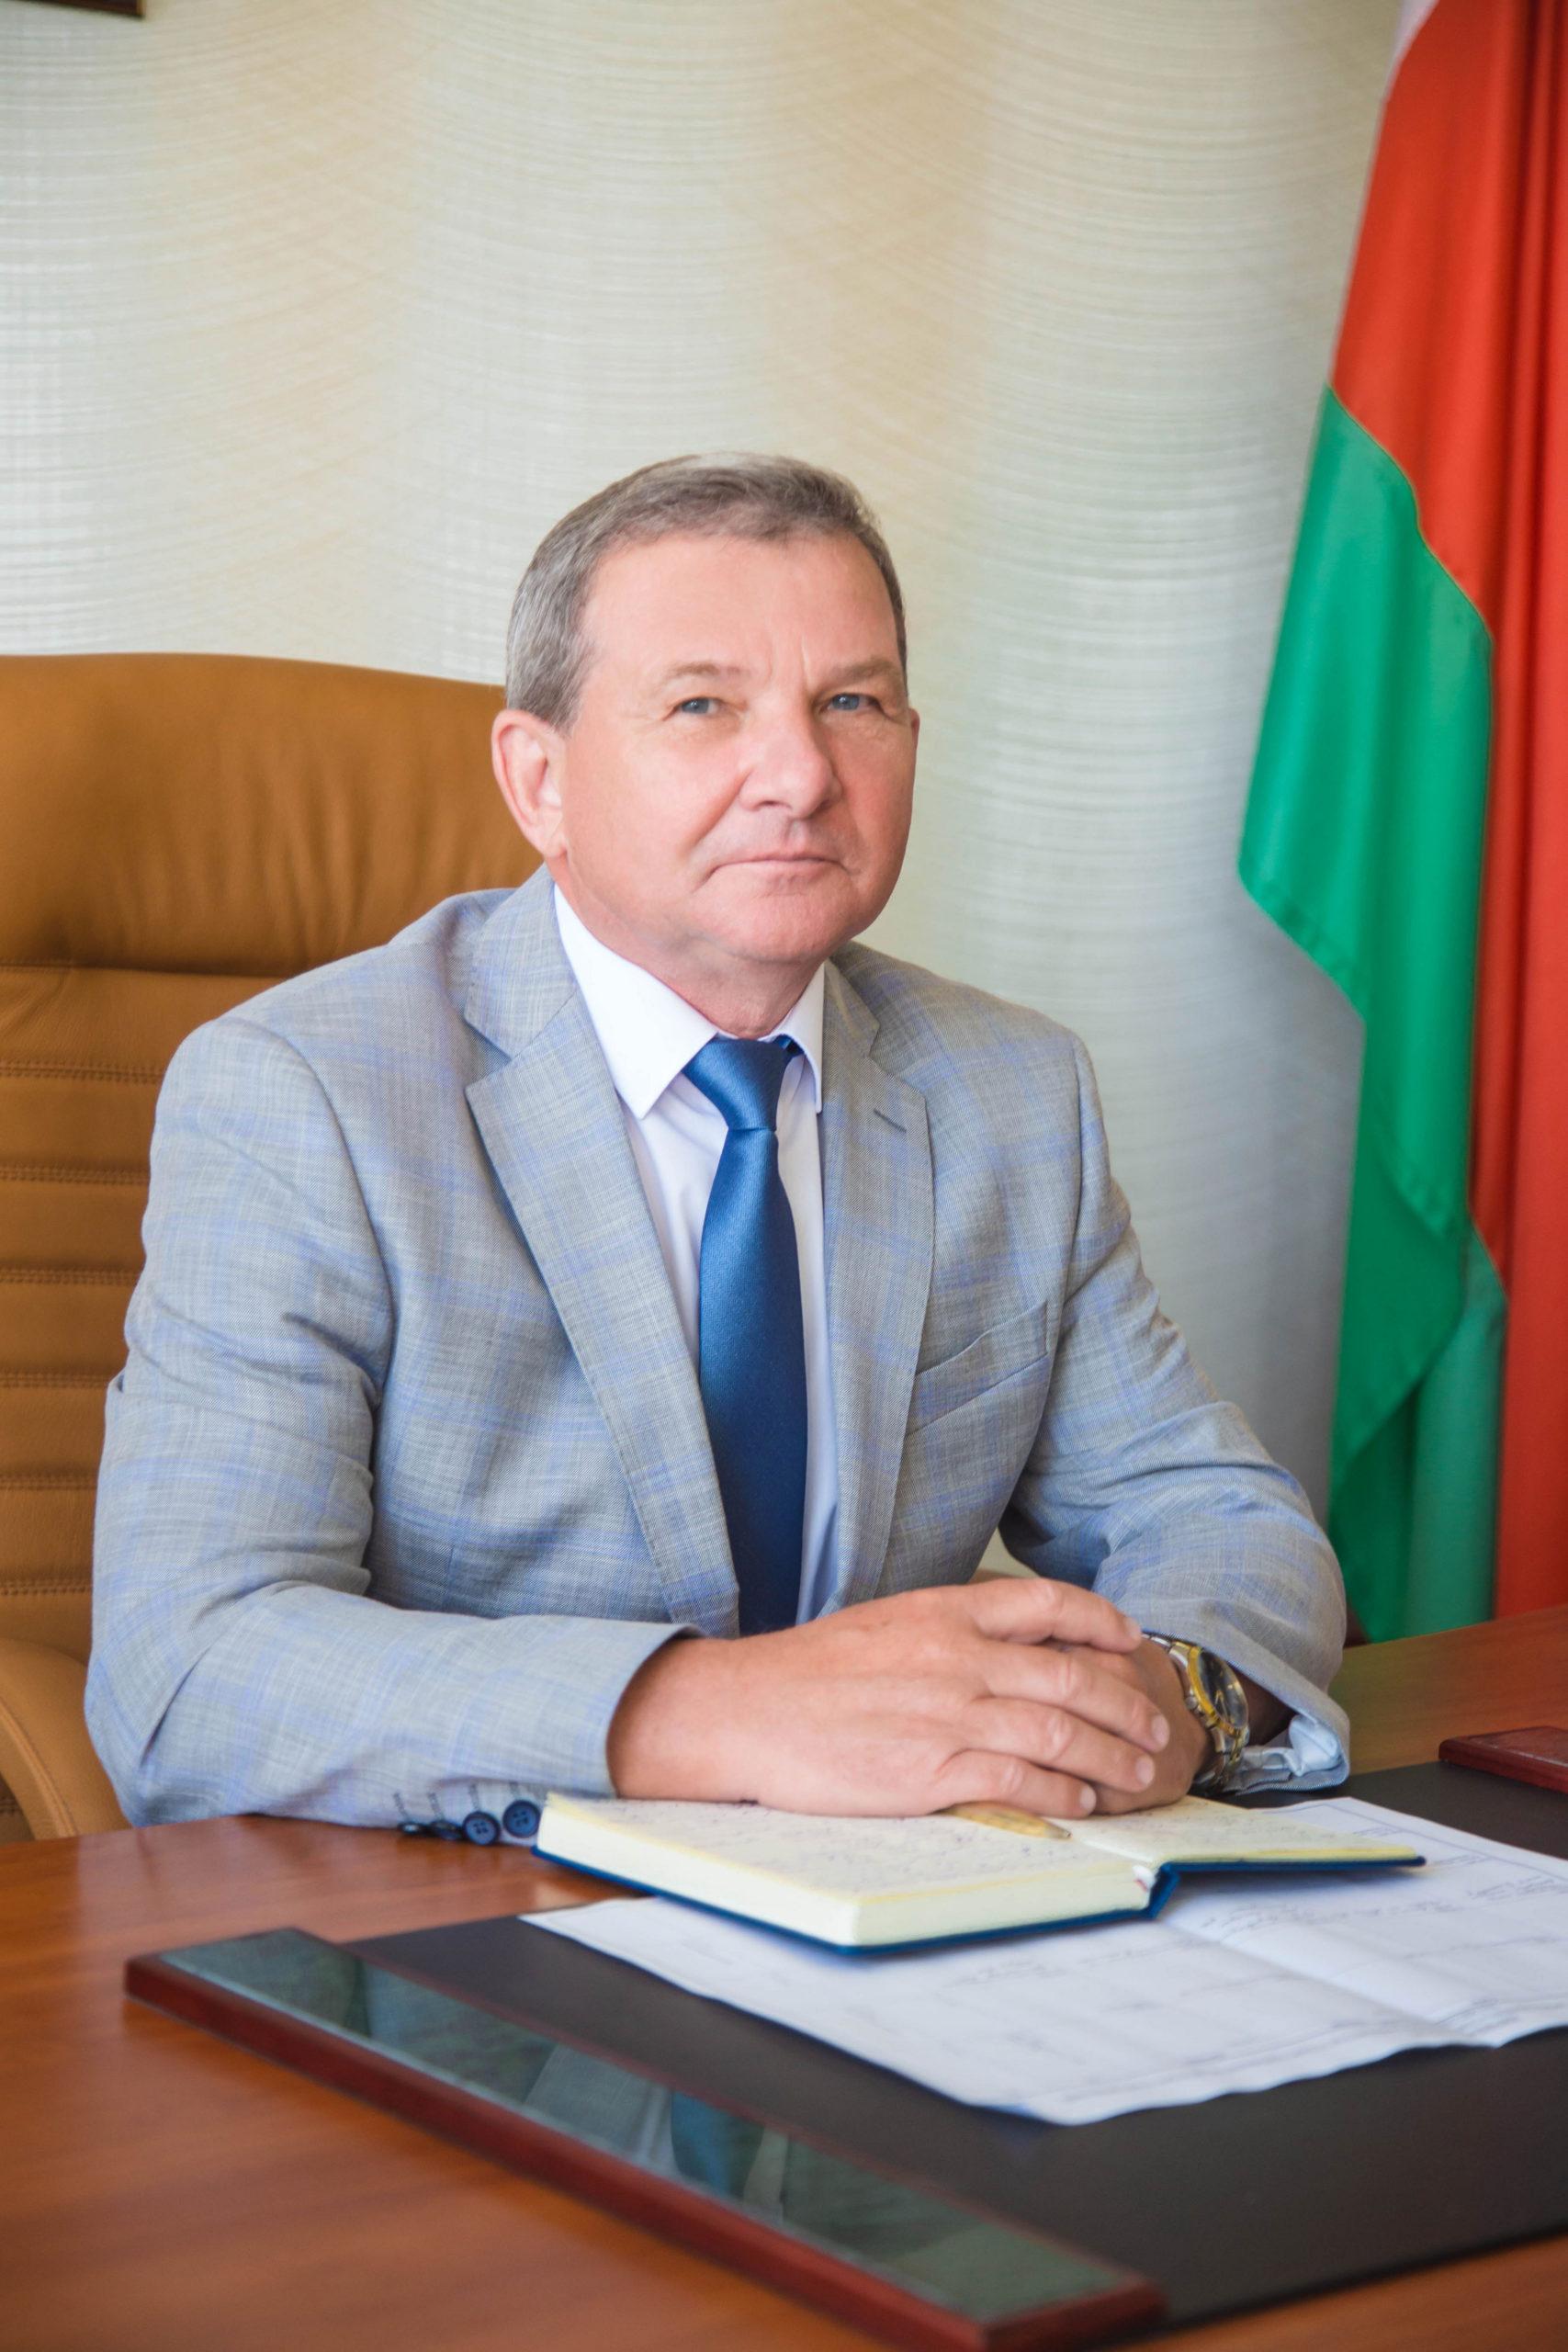 Потапенко Сергей Владимирович